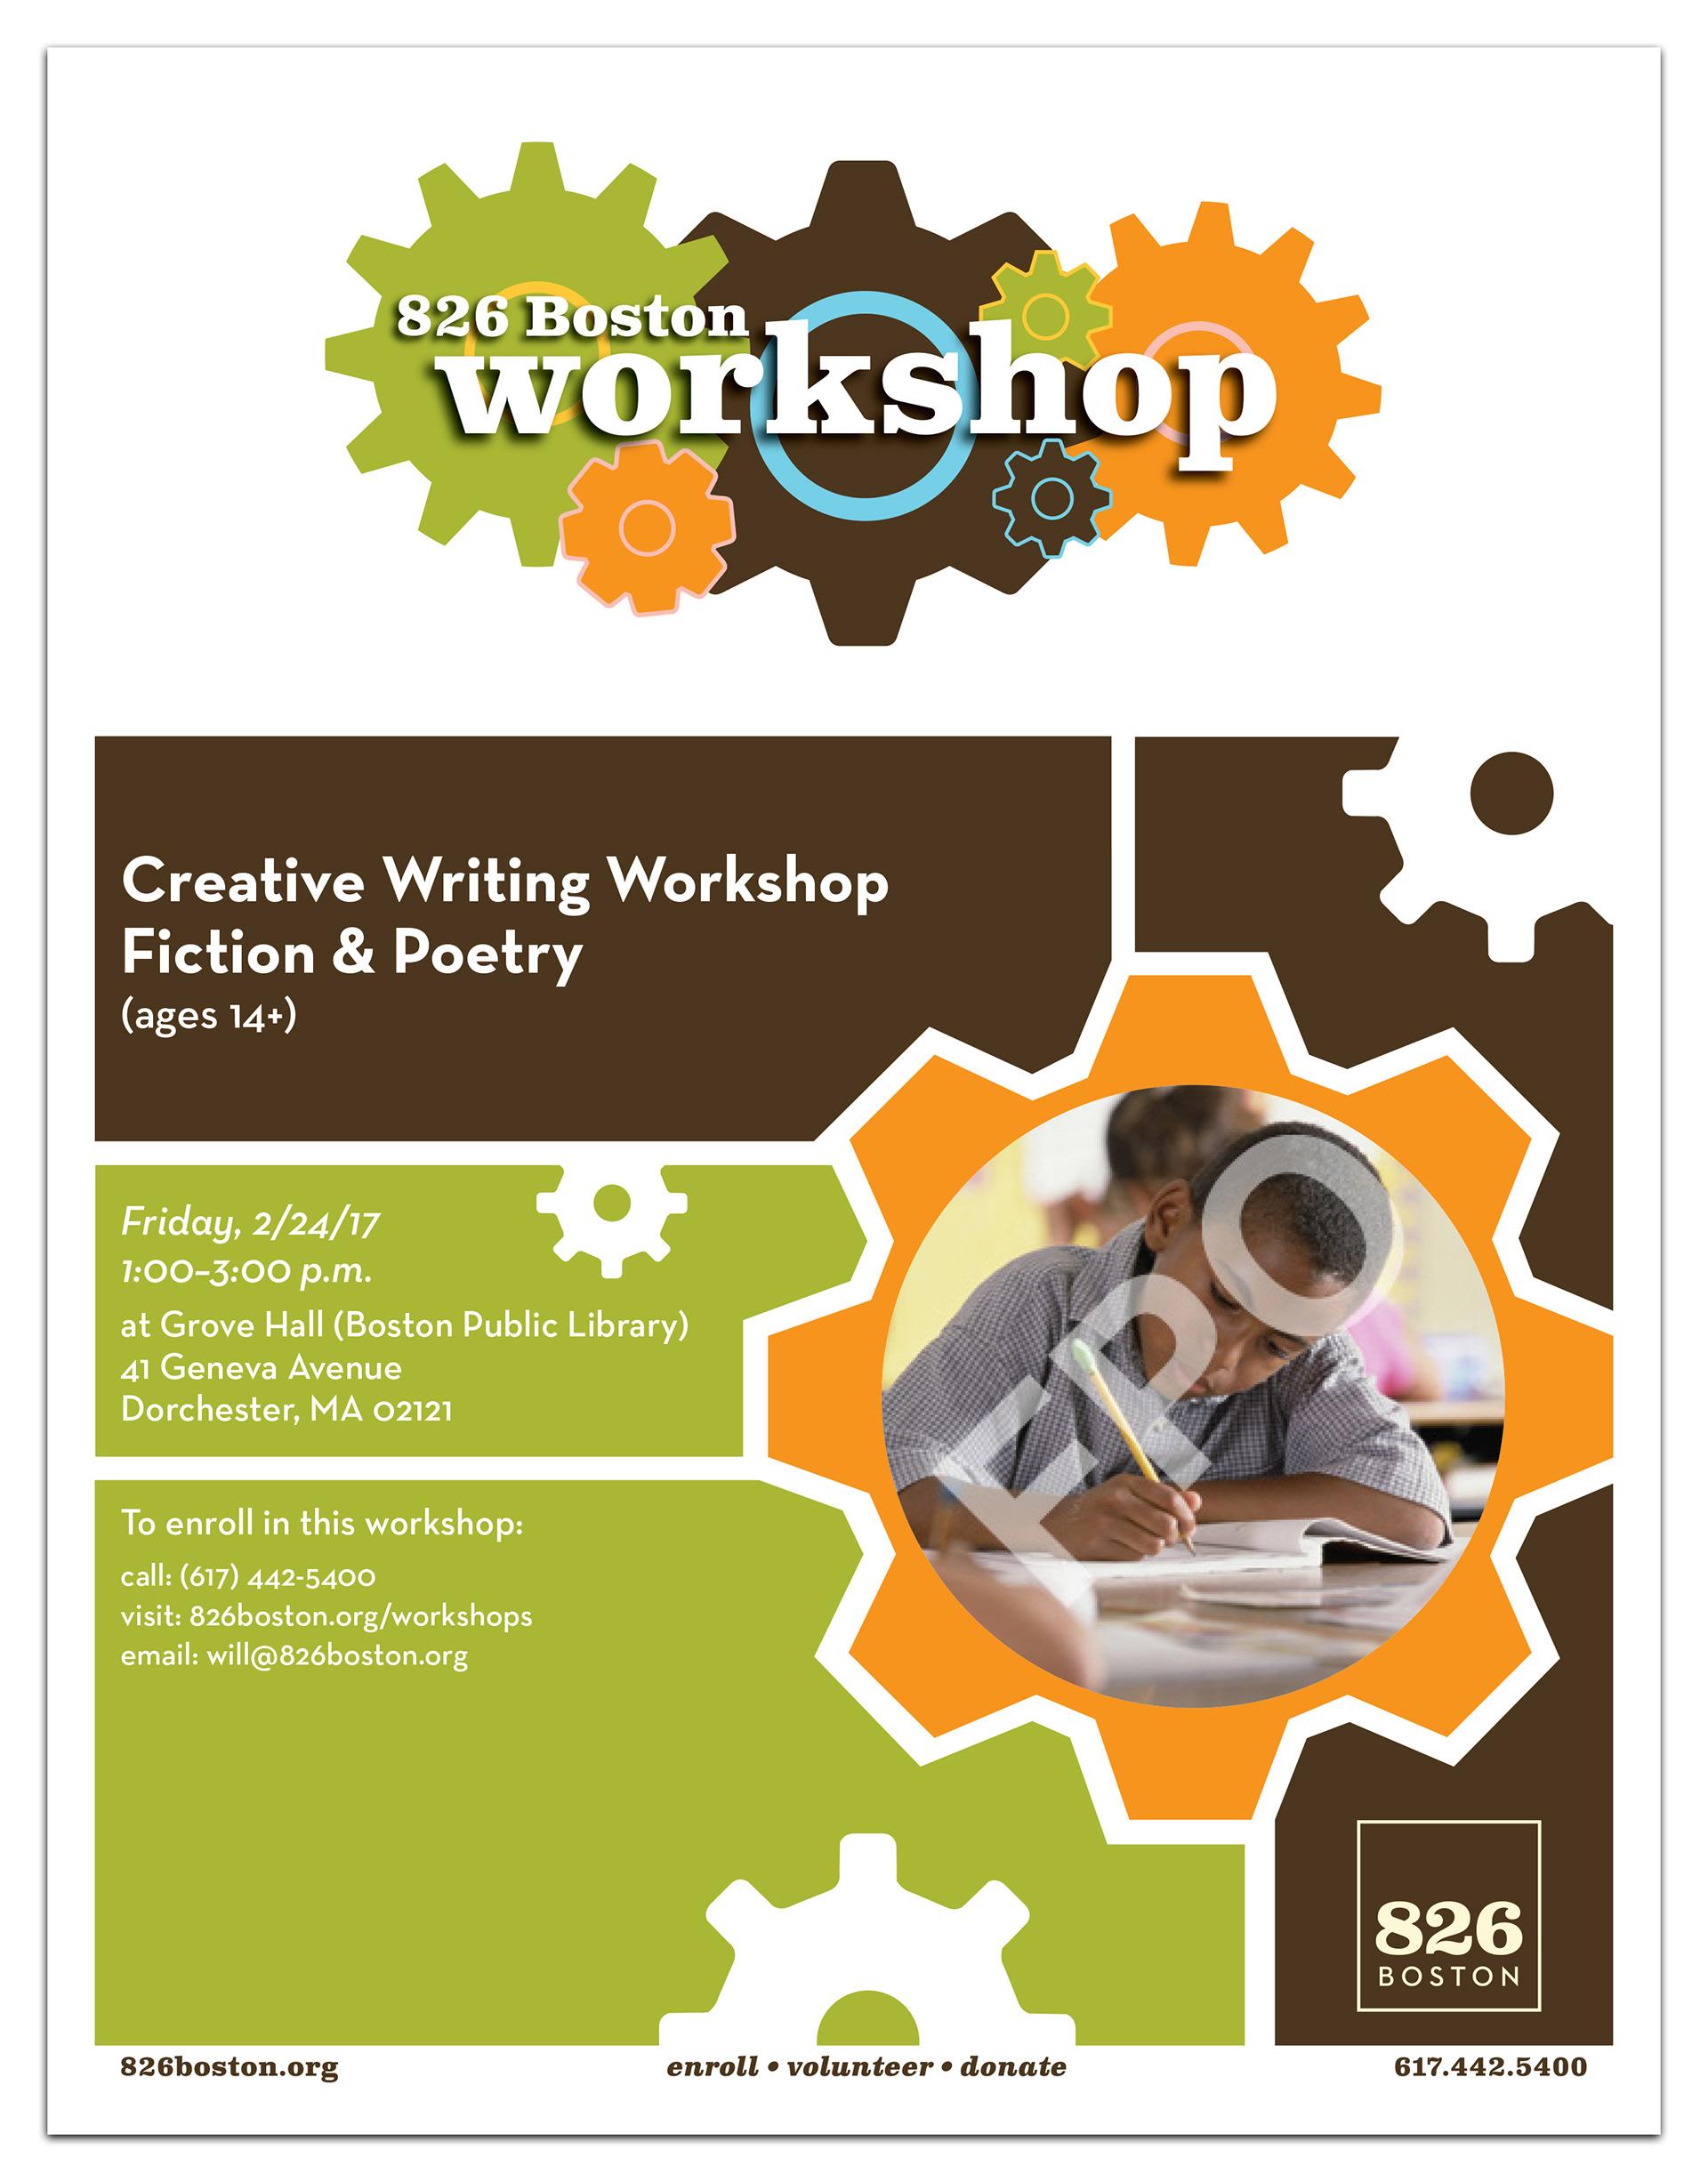 Shelley Makarski Custom Workshop Flyer Template